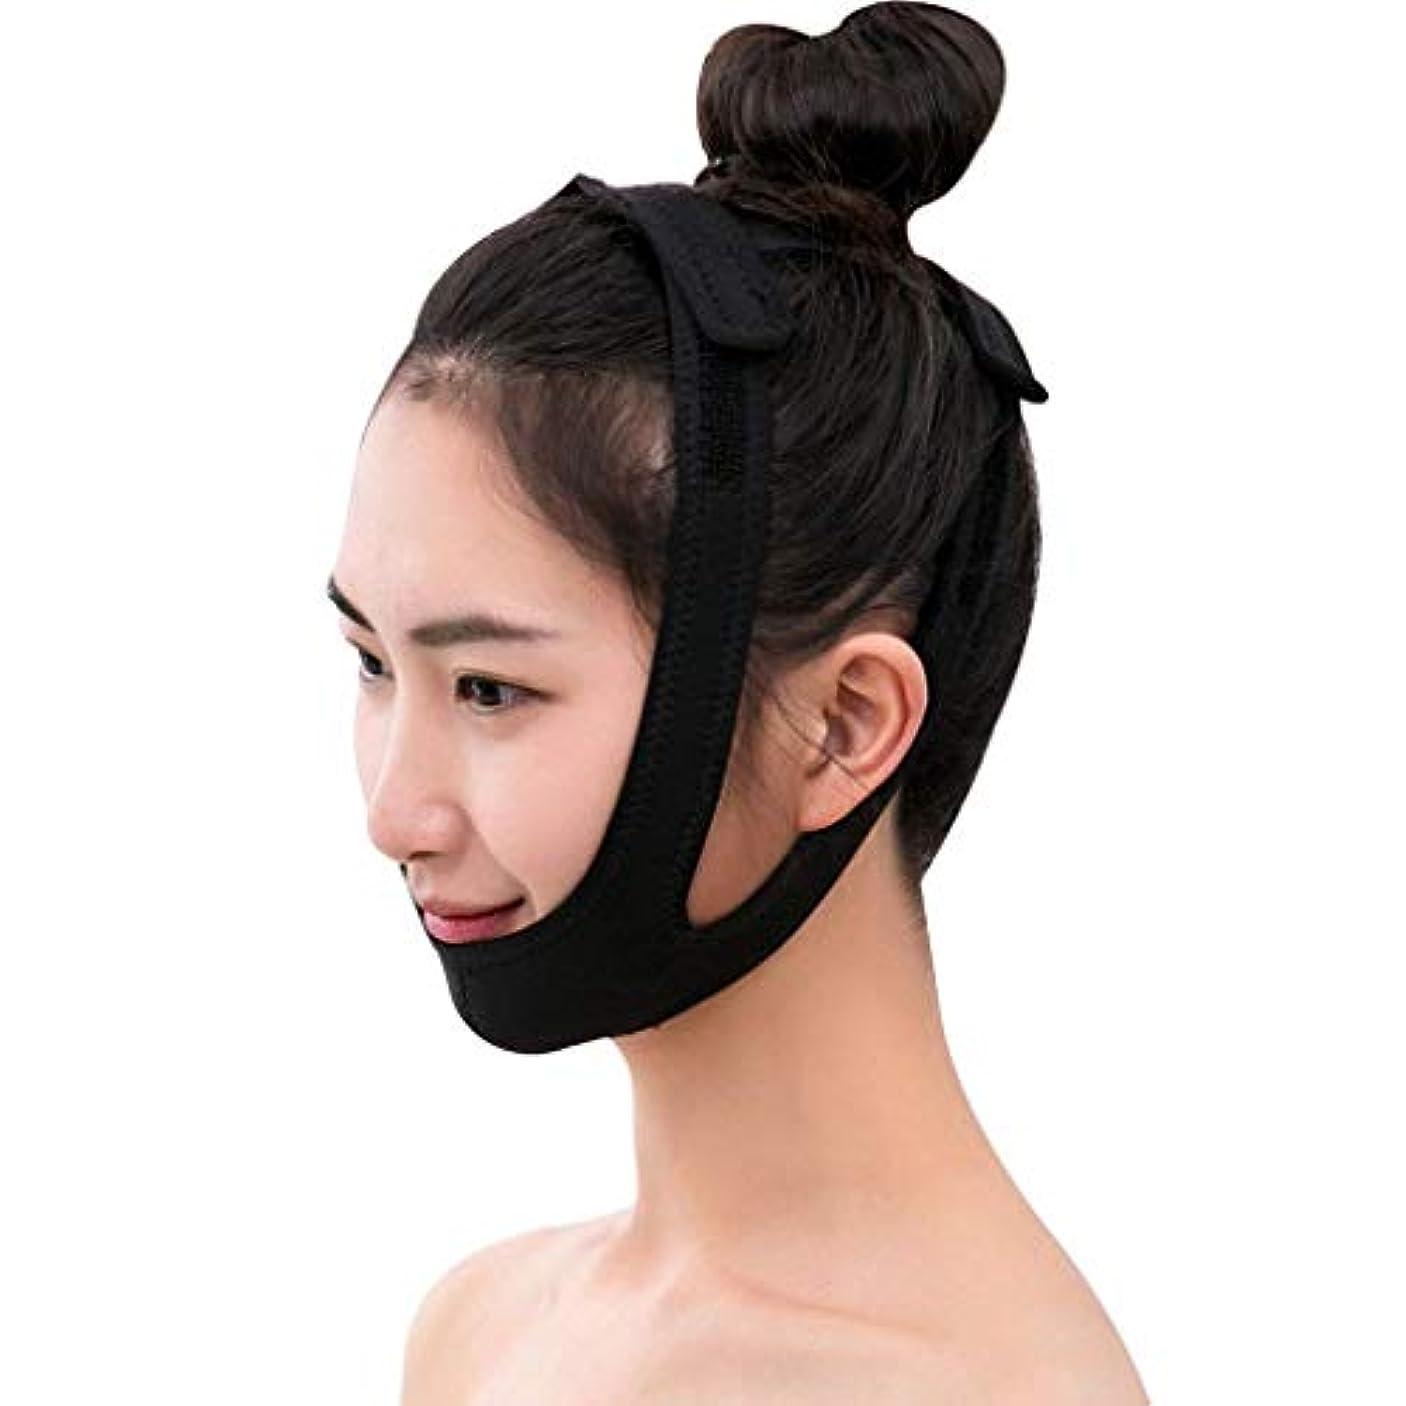 遷移切断するに付けるフェイススリミングマスク、フェイスリフティングバンデージ-Vシェイプフェイスマスク-シェイピングアンドリフティング-ダブルチンストラップ-ビューティーネックマスクフェイスリフトアップ-リデュースダブルチンバンデージ-顔補正ベルト